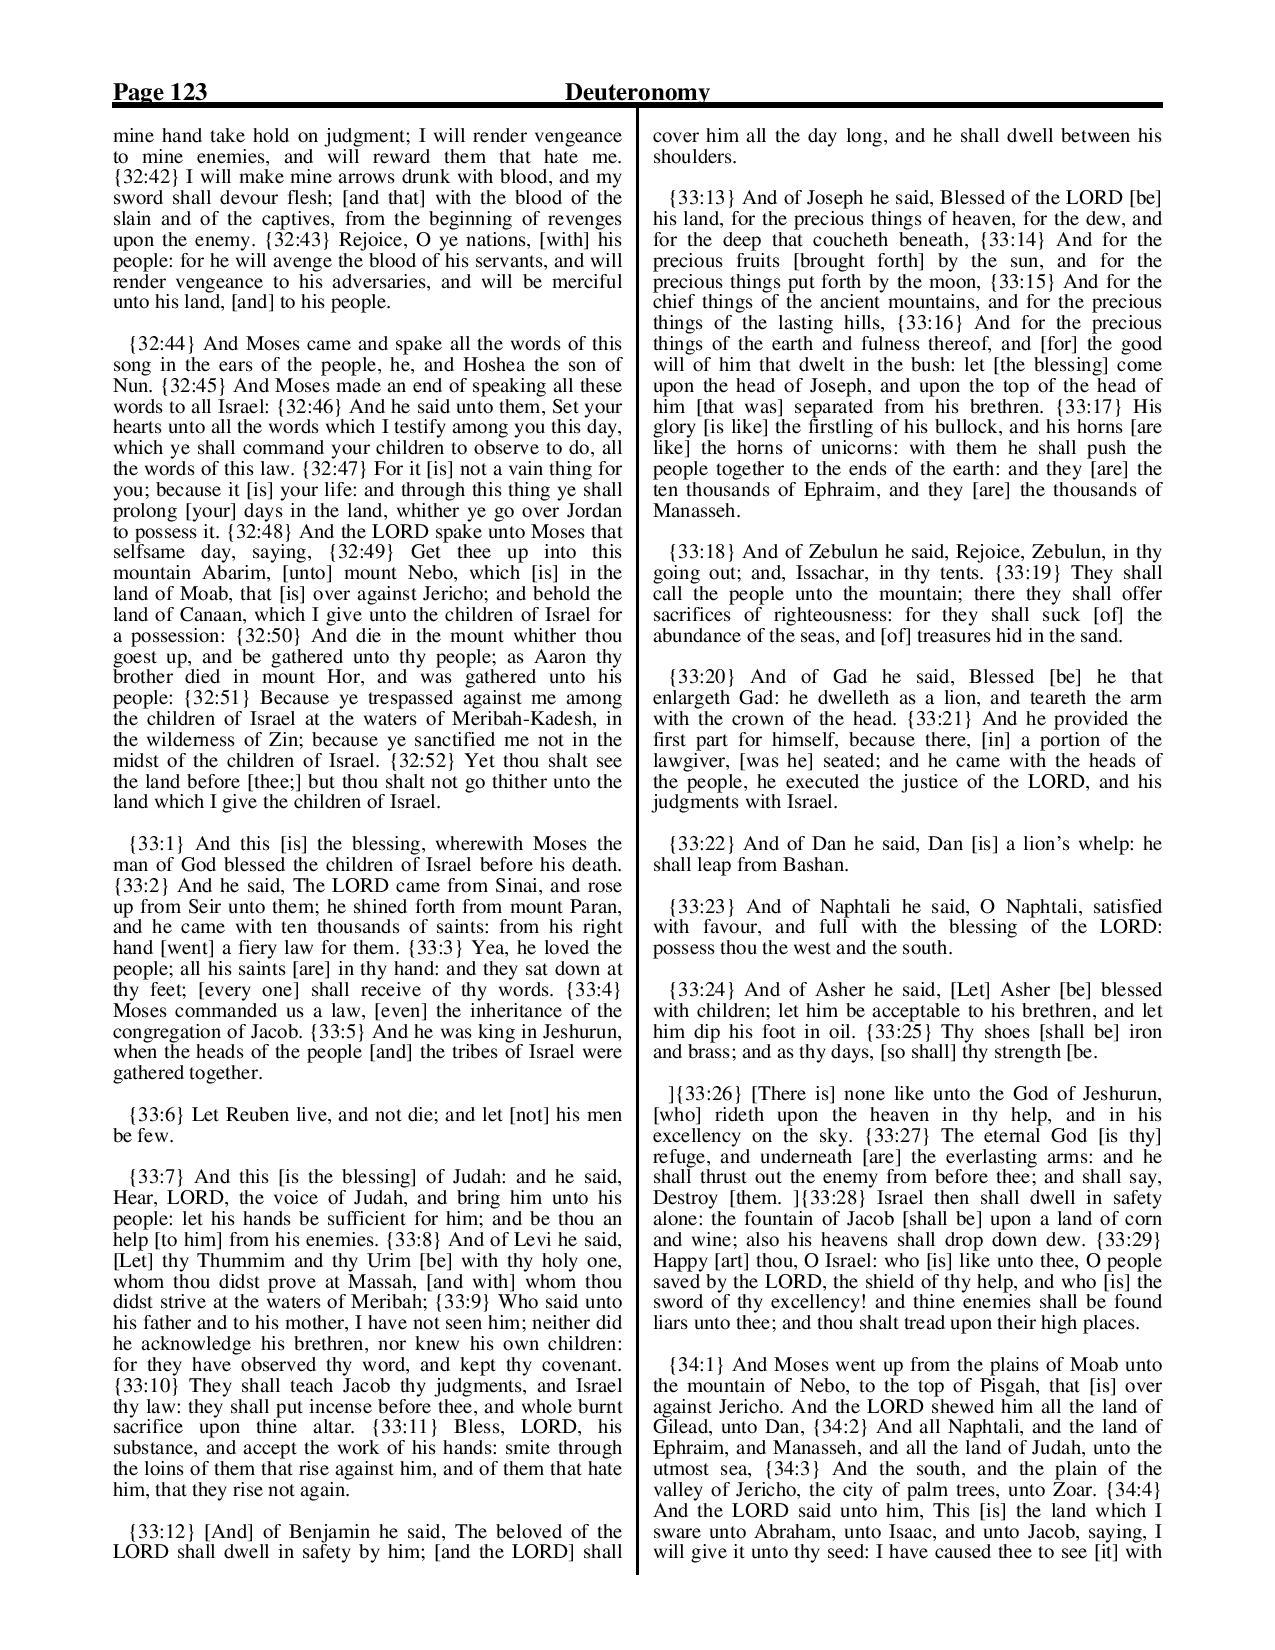 King-James-Bible-KJV-Bible-PDF-page-144